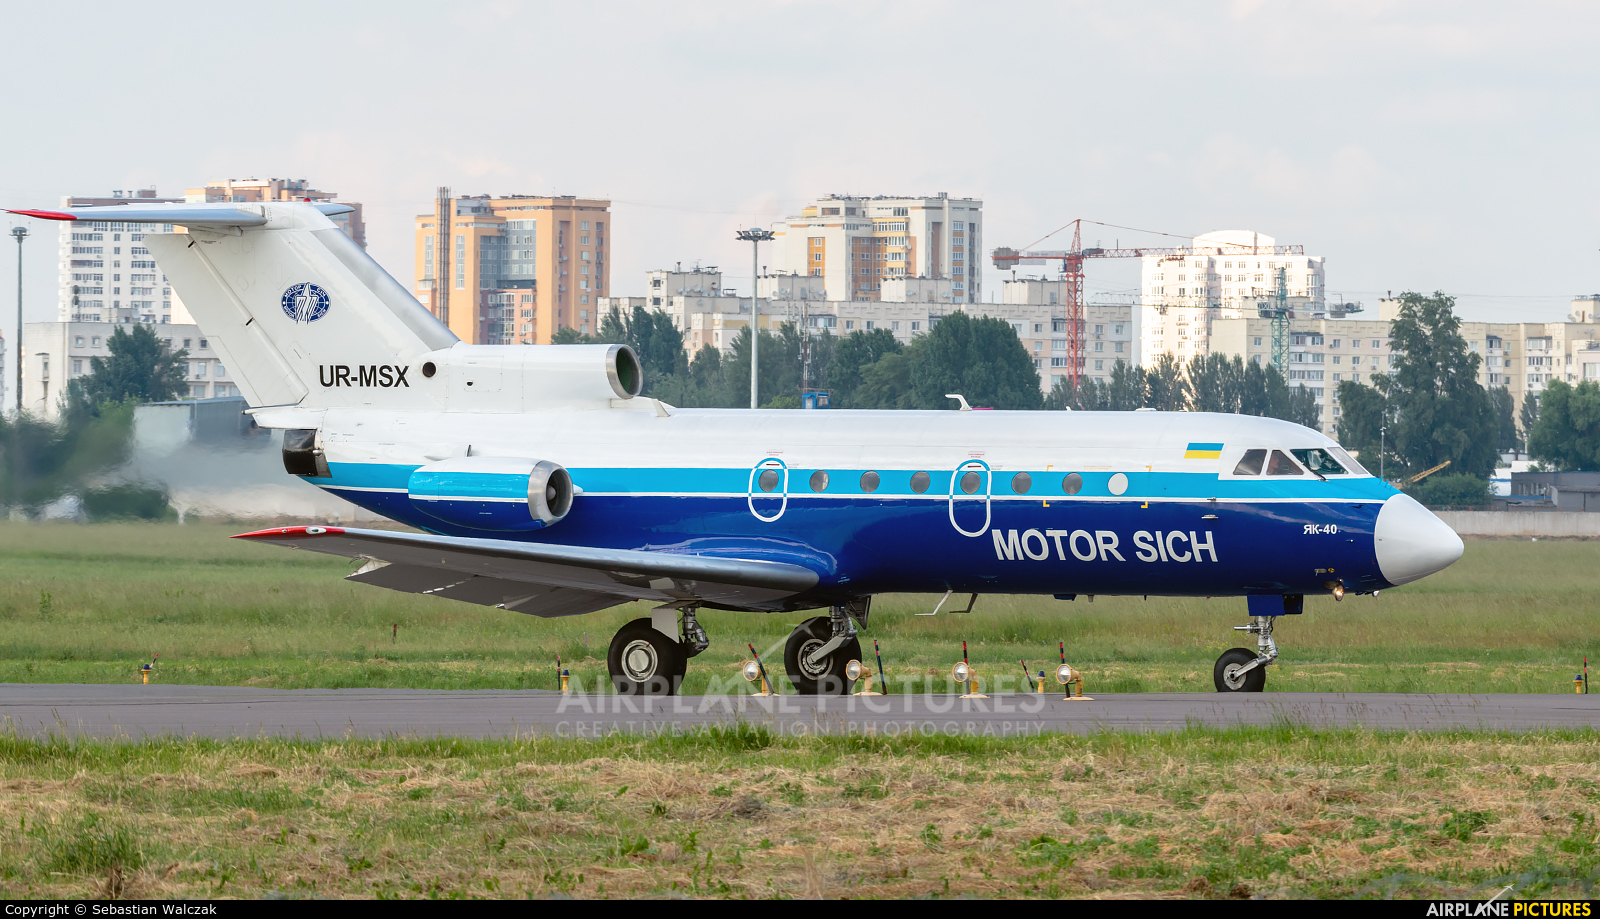 Motor Sich UR-MSX aircraft at Kyiv - Zhulyany